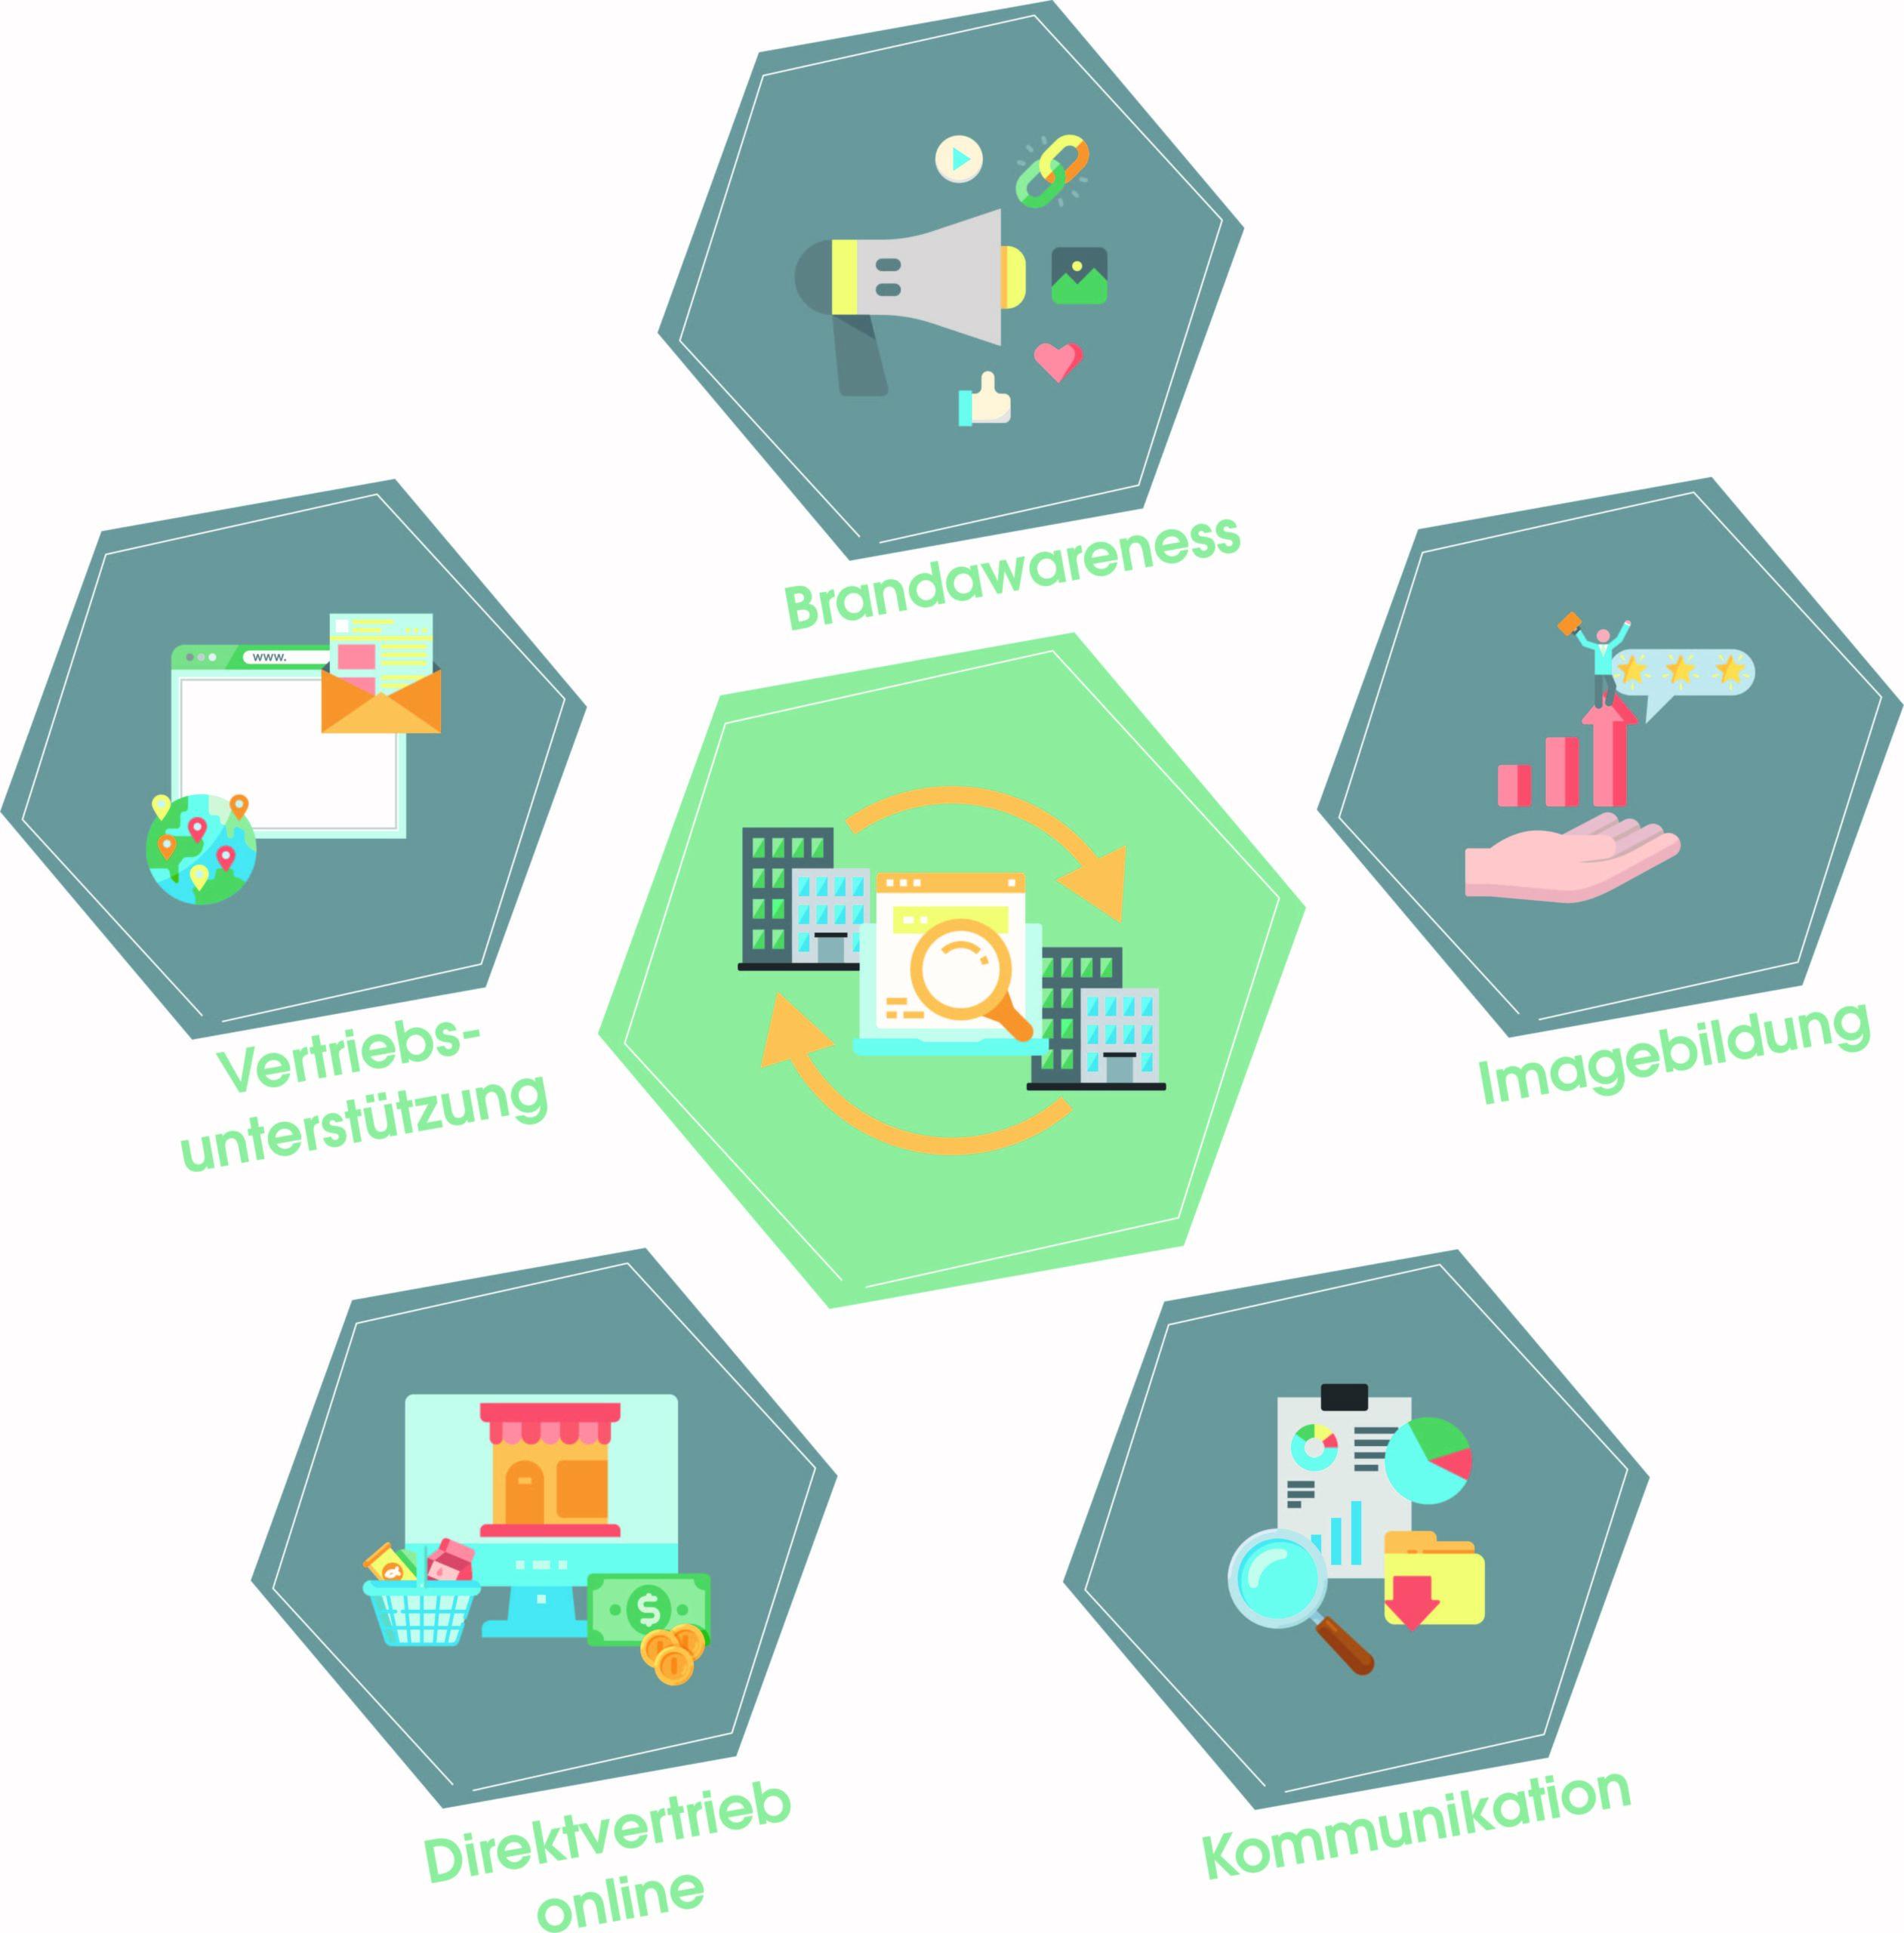 Auf dem Bild sind 5 wichtige Ziele des B2B Search Marketing zu sehen. Zu ihnen zählen: - Steigerung der Brandawareness - Imagebildung im Internet - Kommunikationspotenziale ausschöpfen - einen online Direktvertrieb etablieren - Search Marketing als Vertriebsunterstützung nutzen